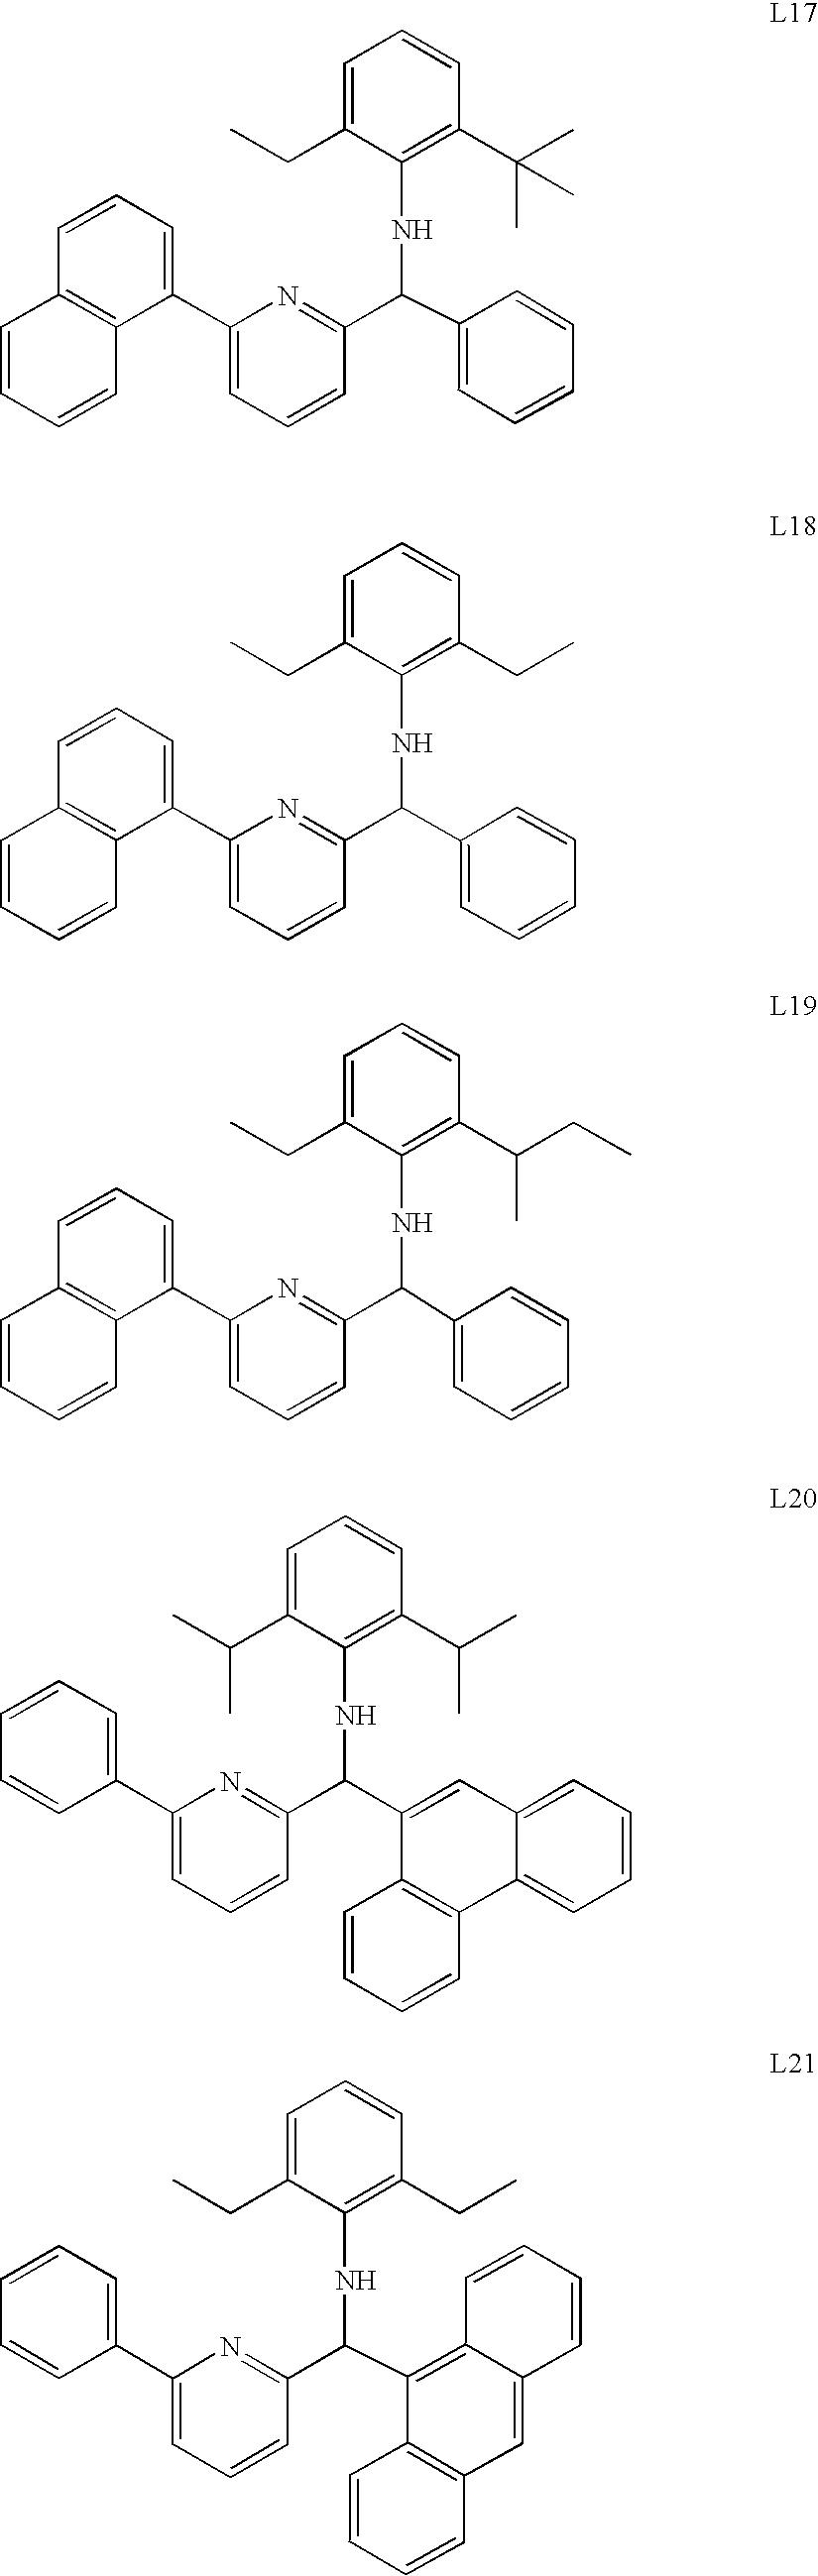 Figure US06900321-20050531-C00075